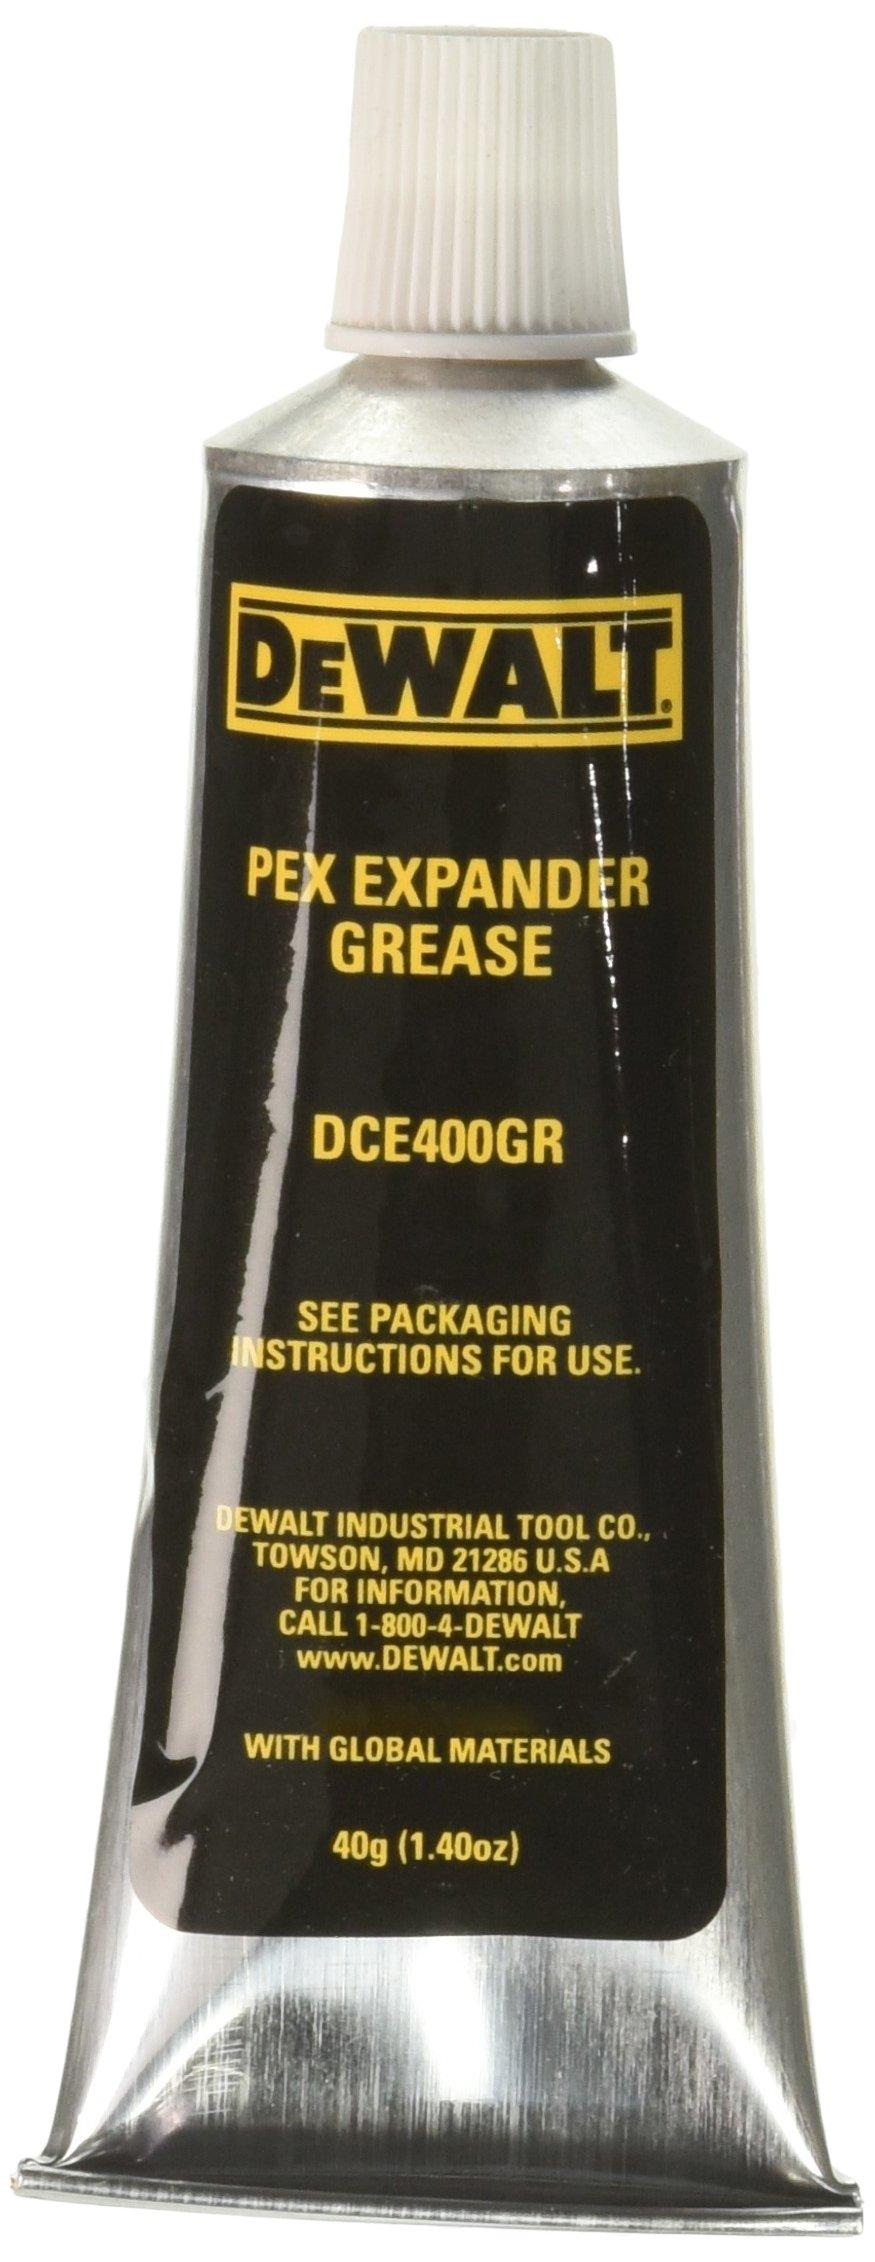 DEWALT DCE400GR PEX Expander Grease